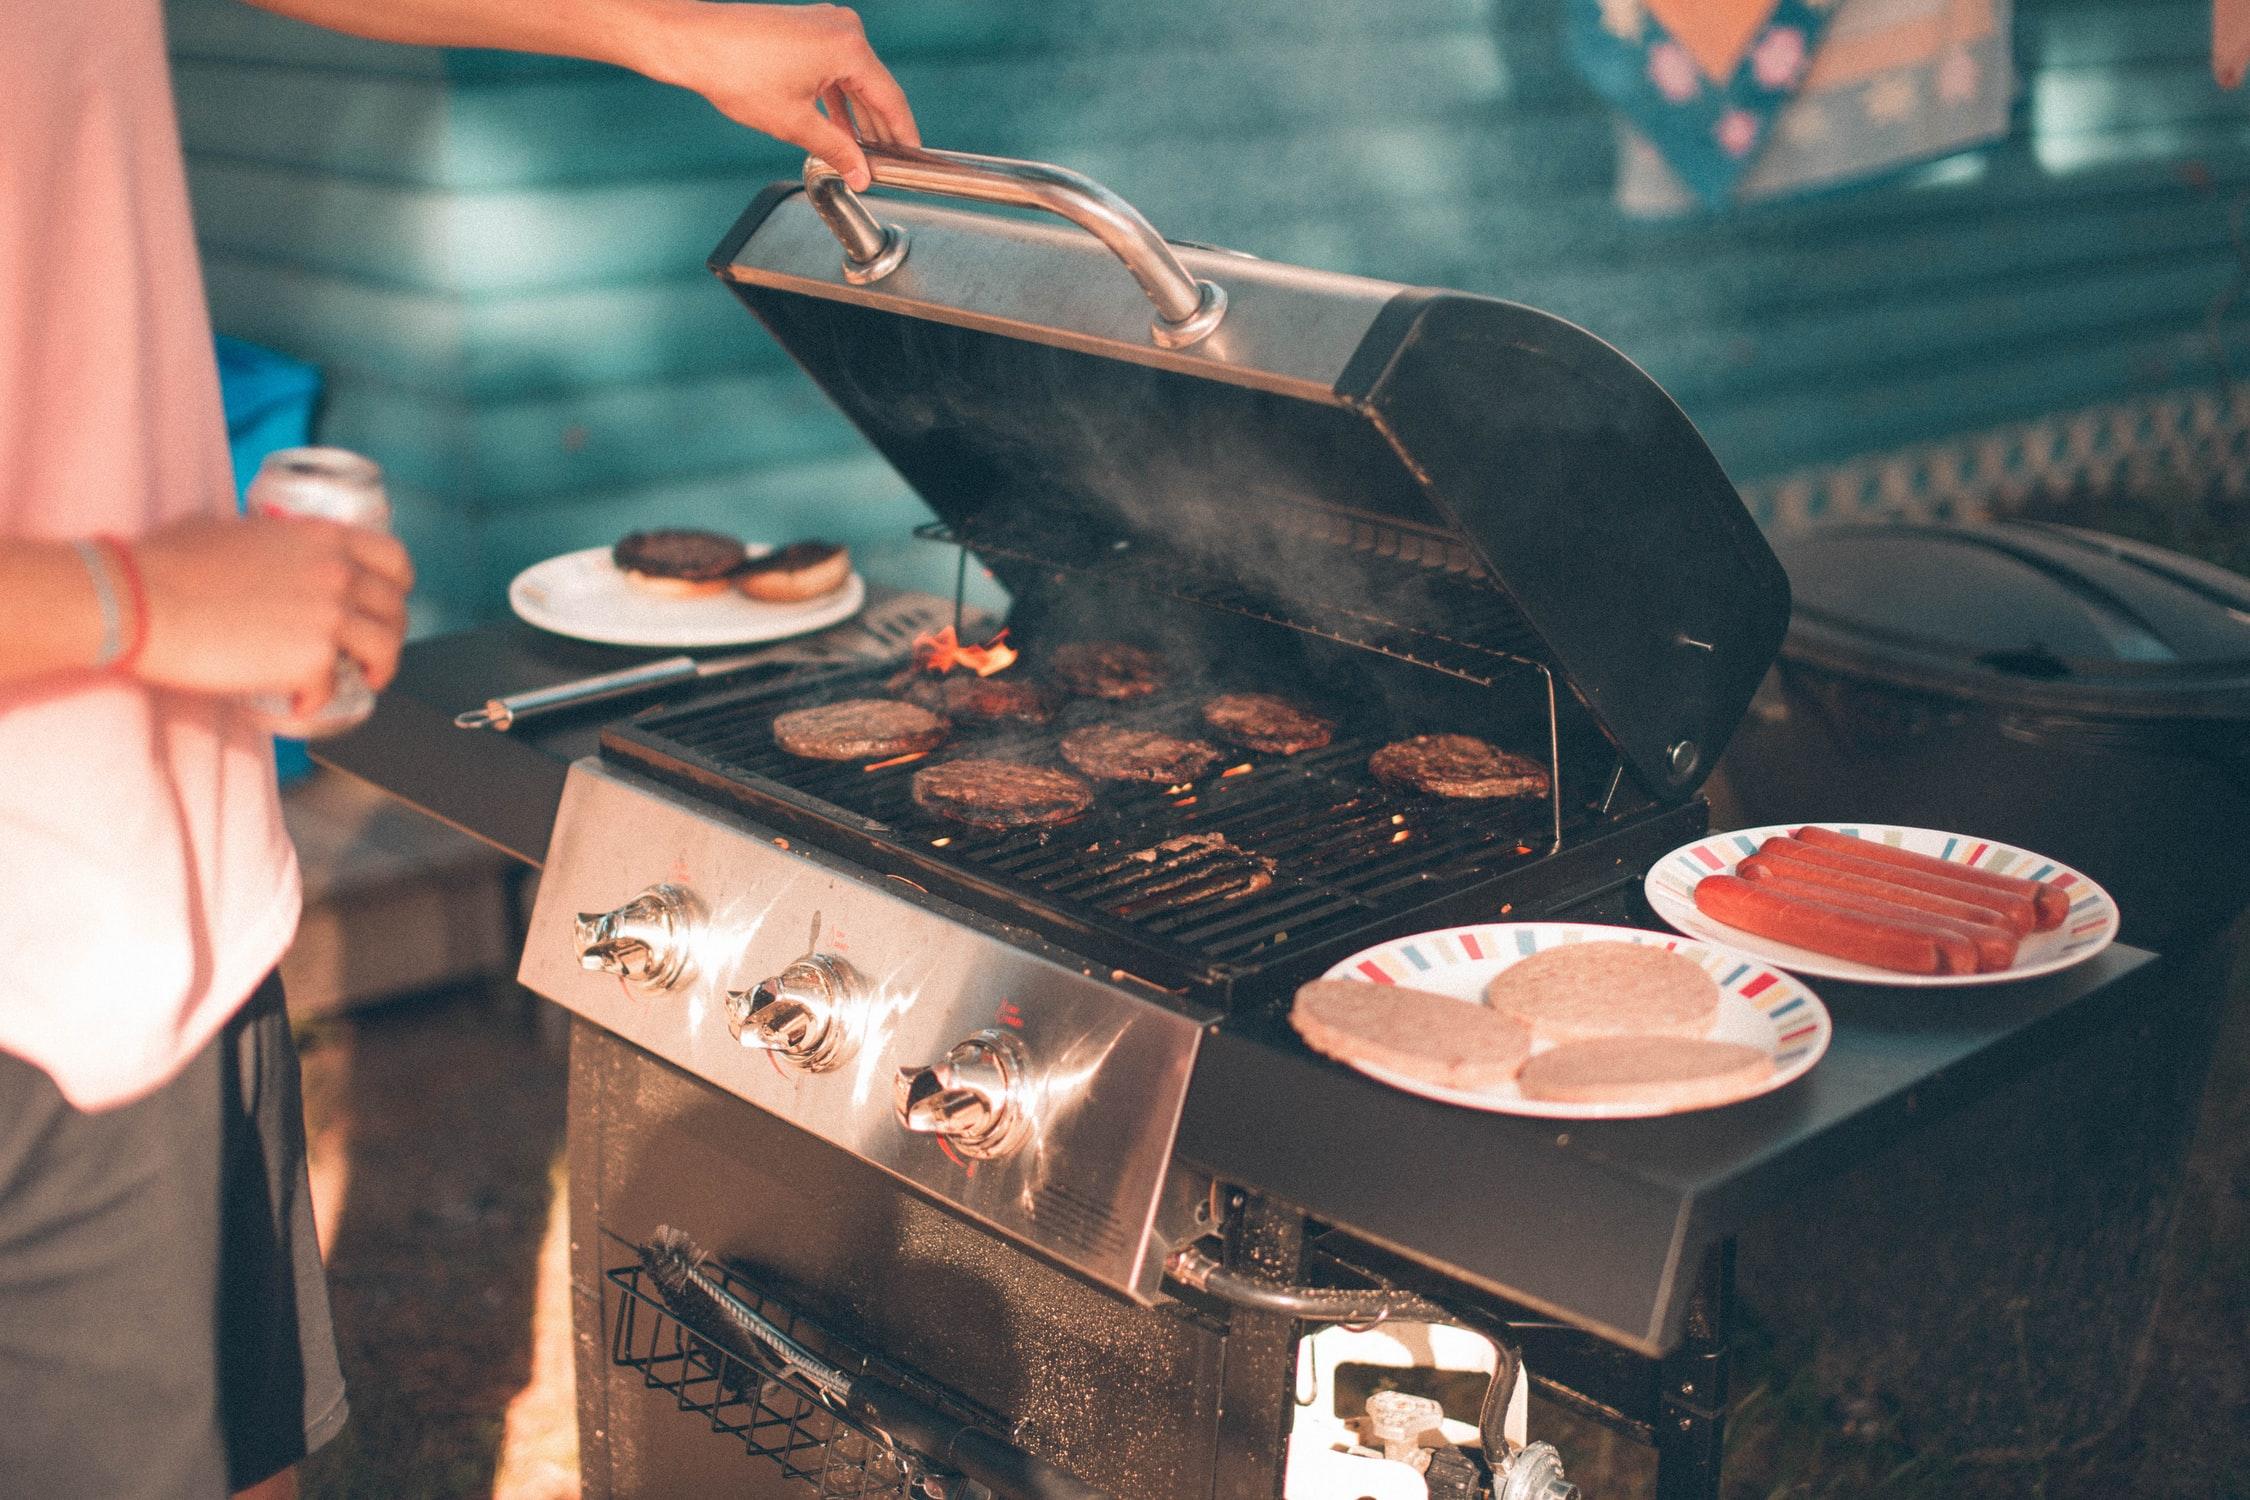 Man lifts BBQ grill lid.